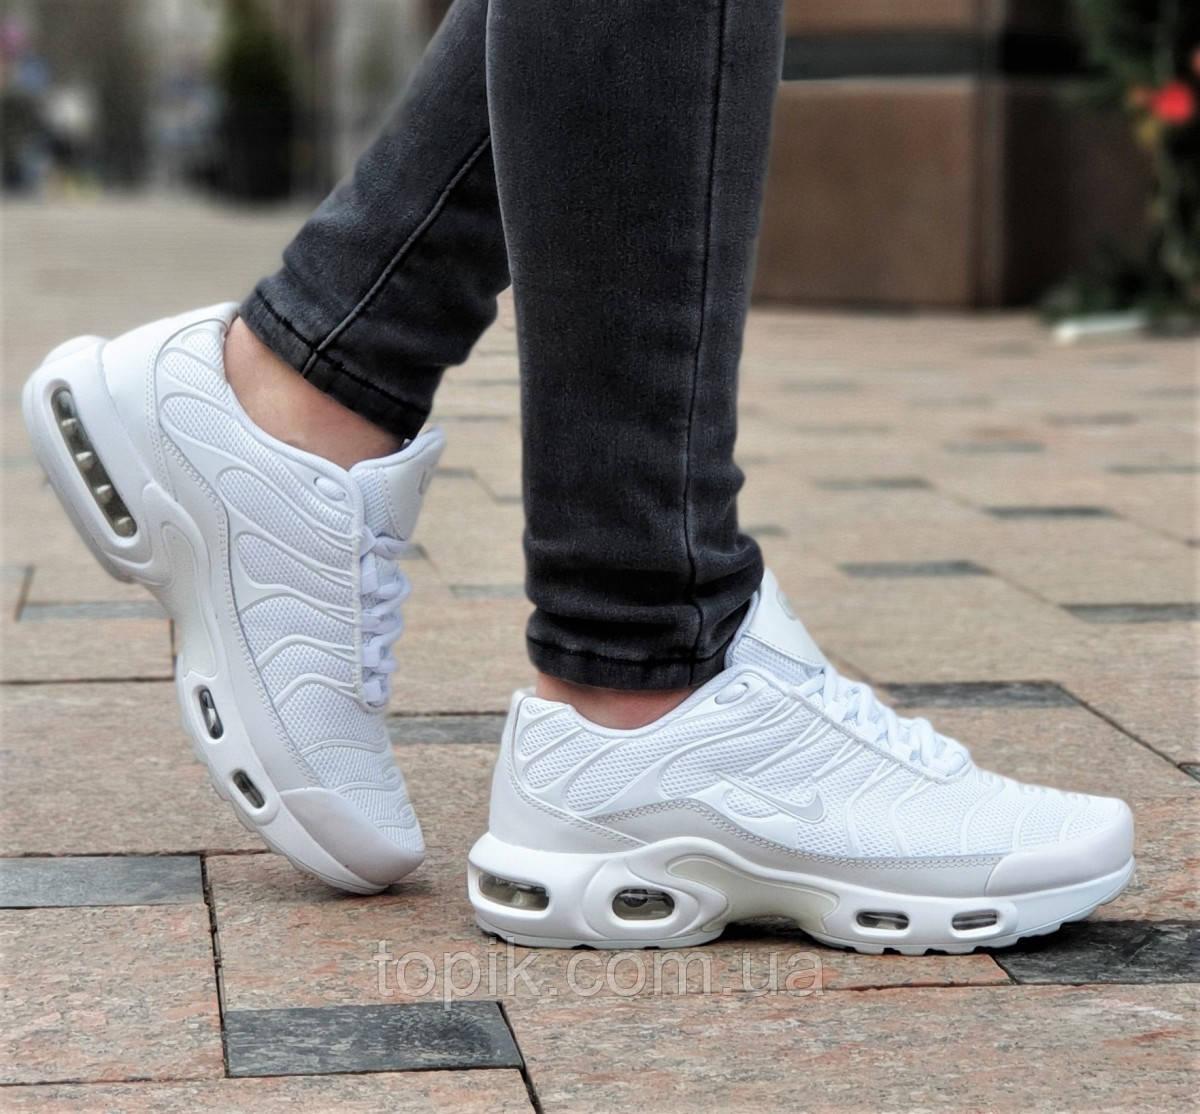 Белые женские кроссовки сетка усиленный силиконовый носок, удобные и стильные на весну лето (Код: 1351а)